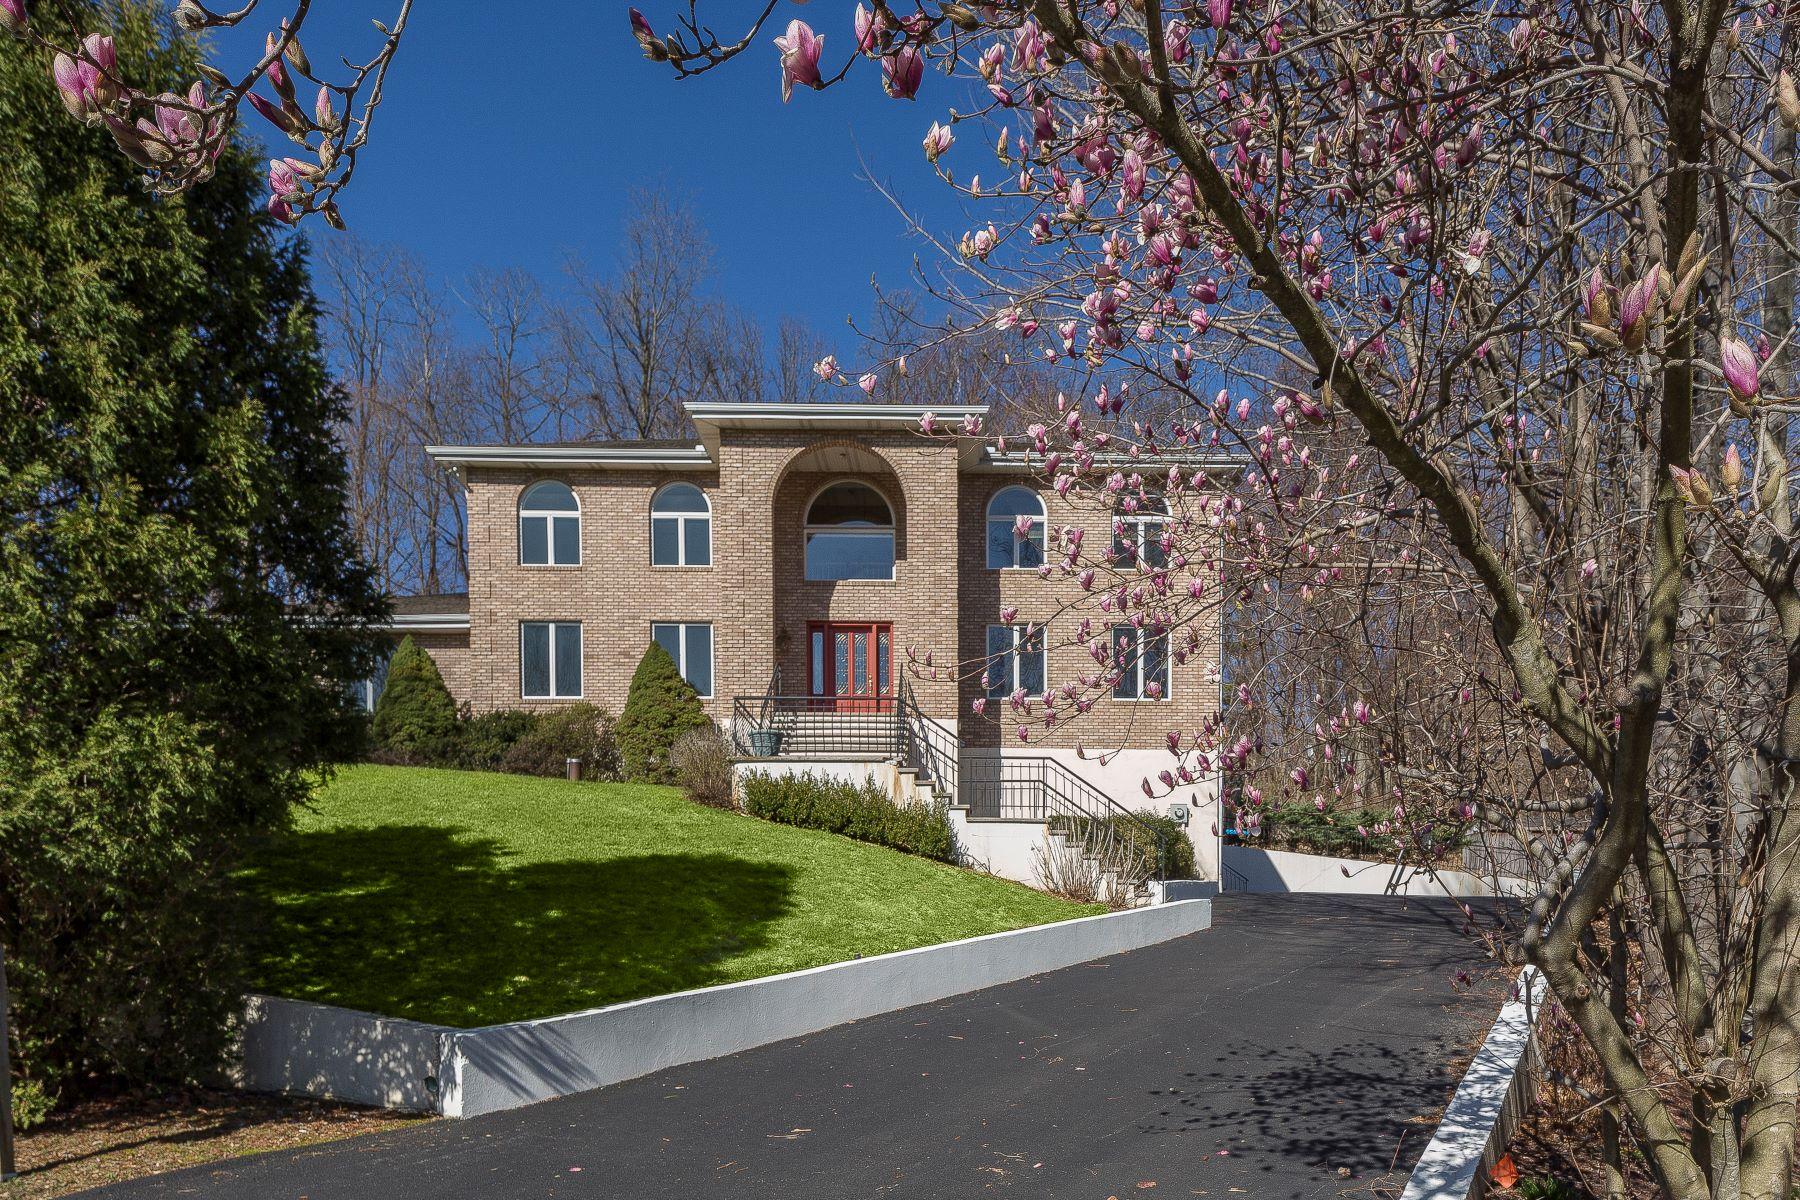 Casa Unifamiliar por un Venta en Stunning Sun Filled Colonial 7 Eden Hunt Armonk, Nueva York 10504 Estados Unidos